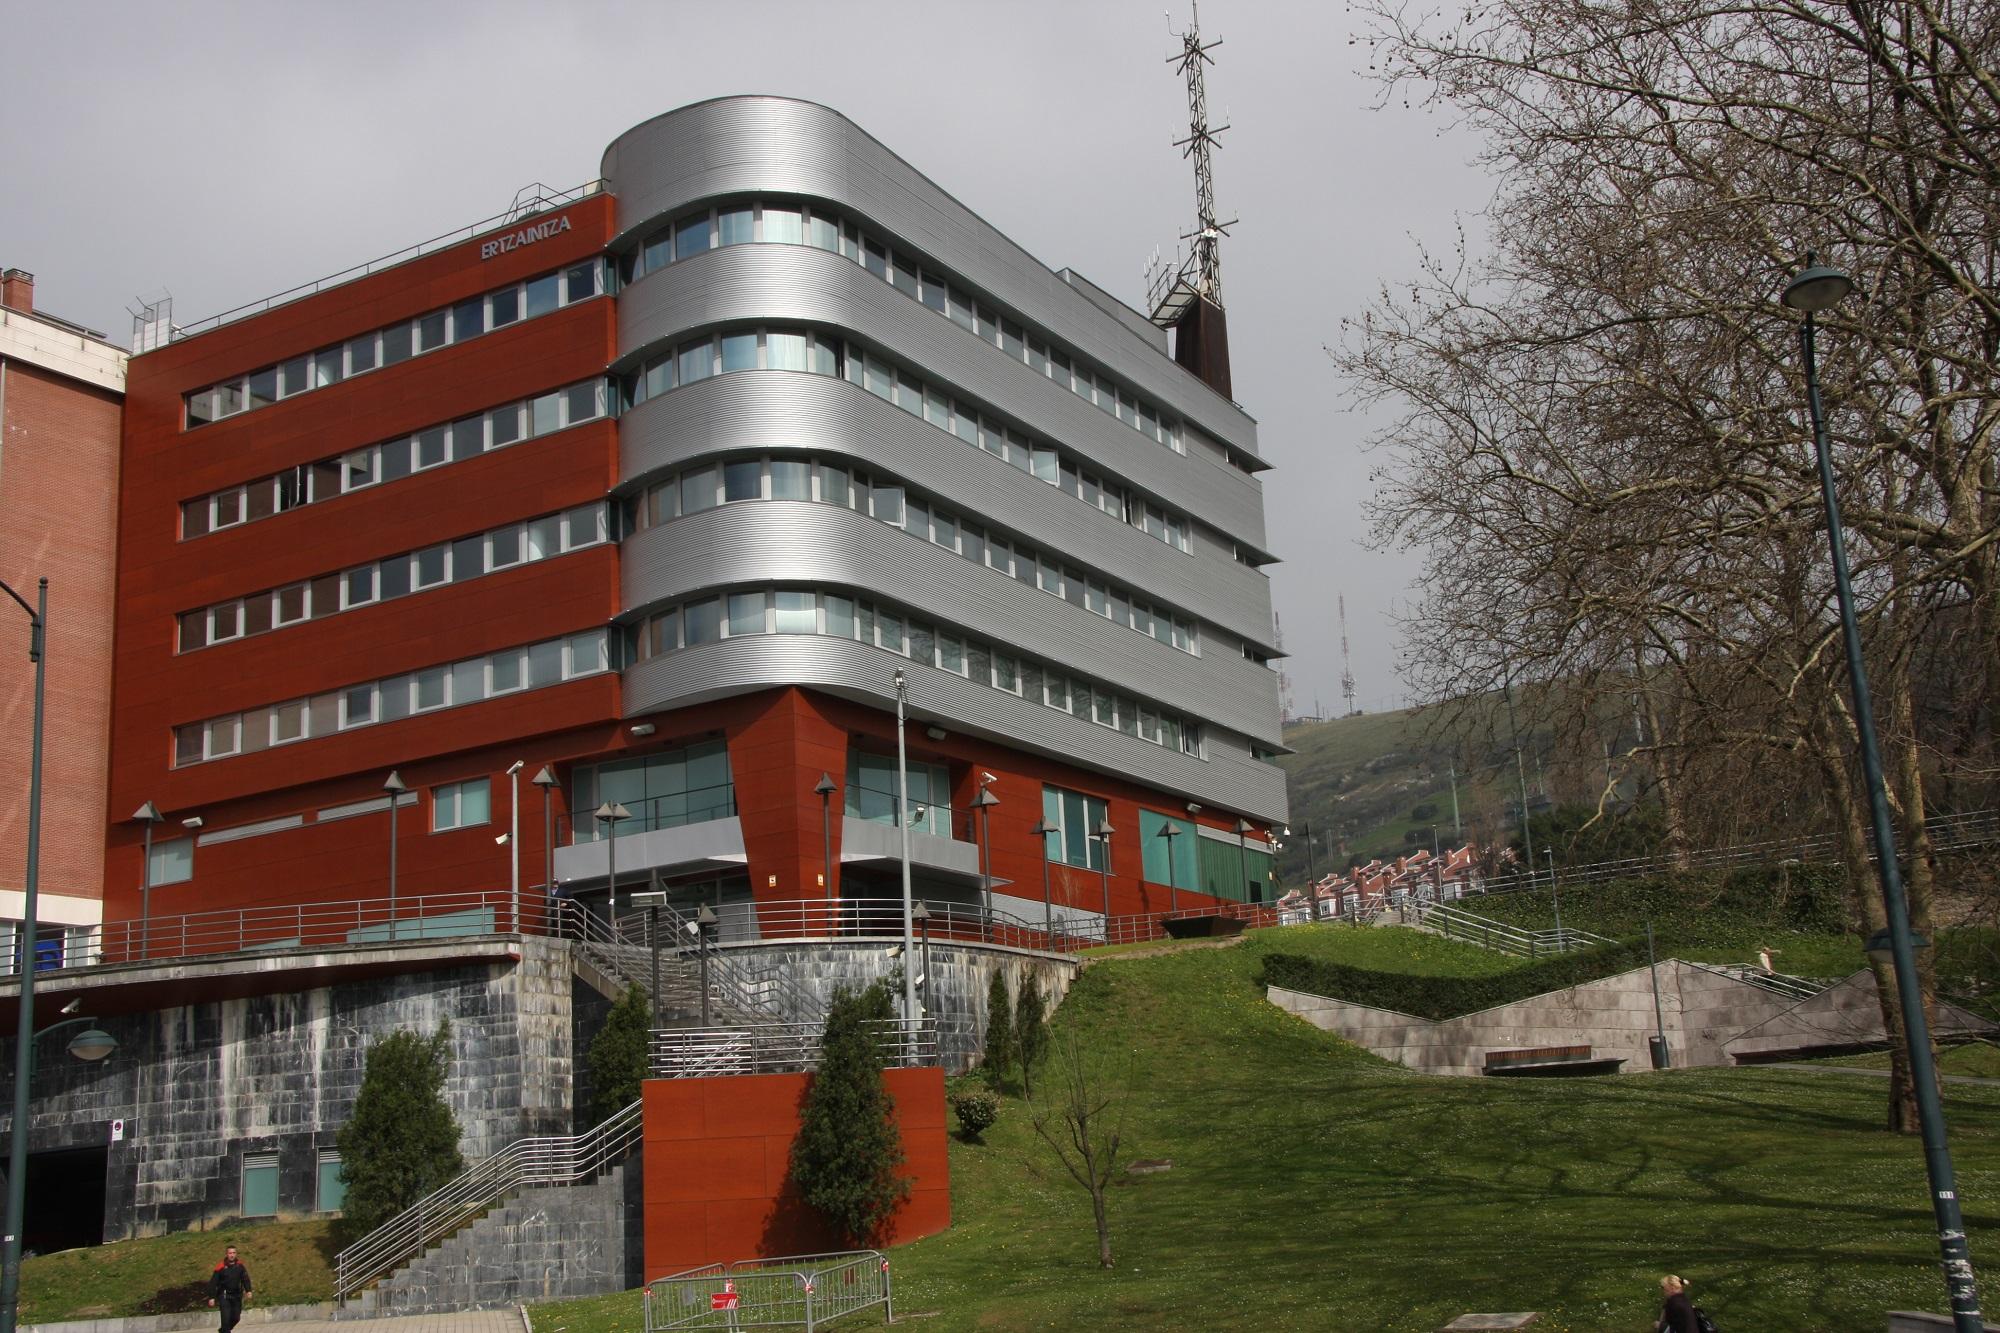 Bilbao_Ertzain-etxea.JPG